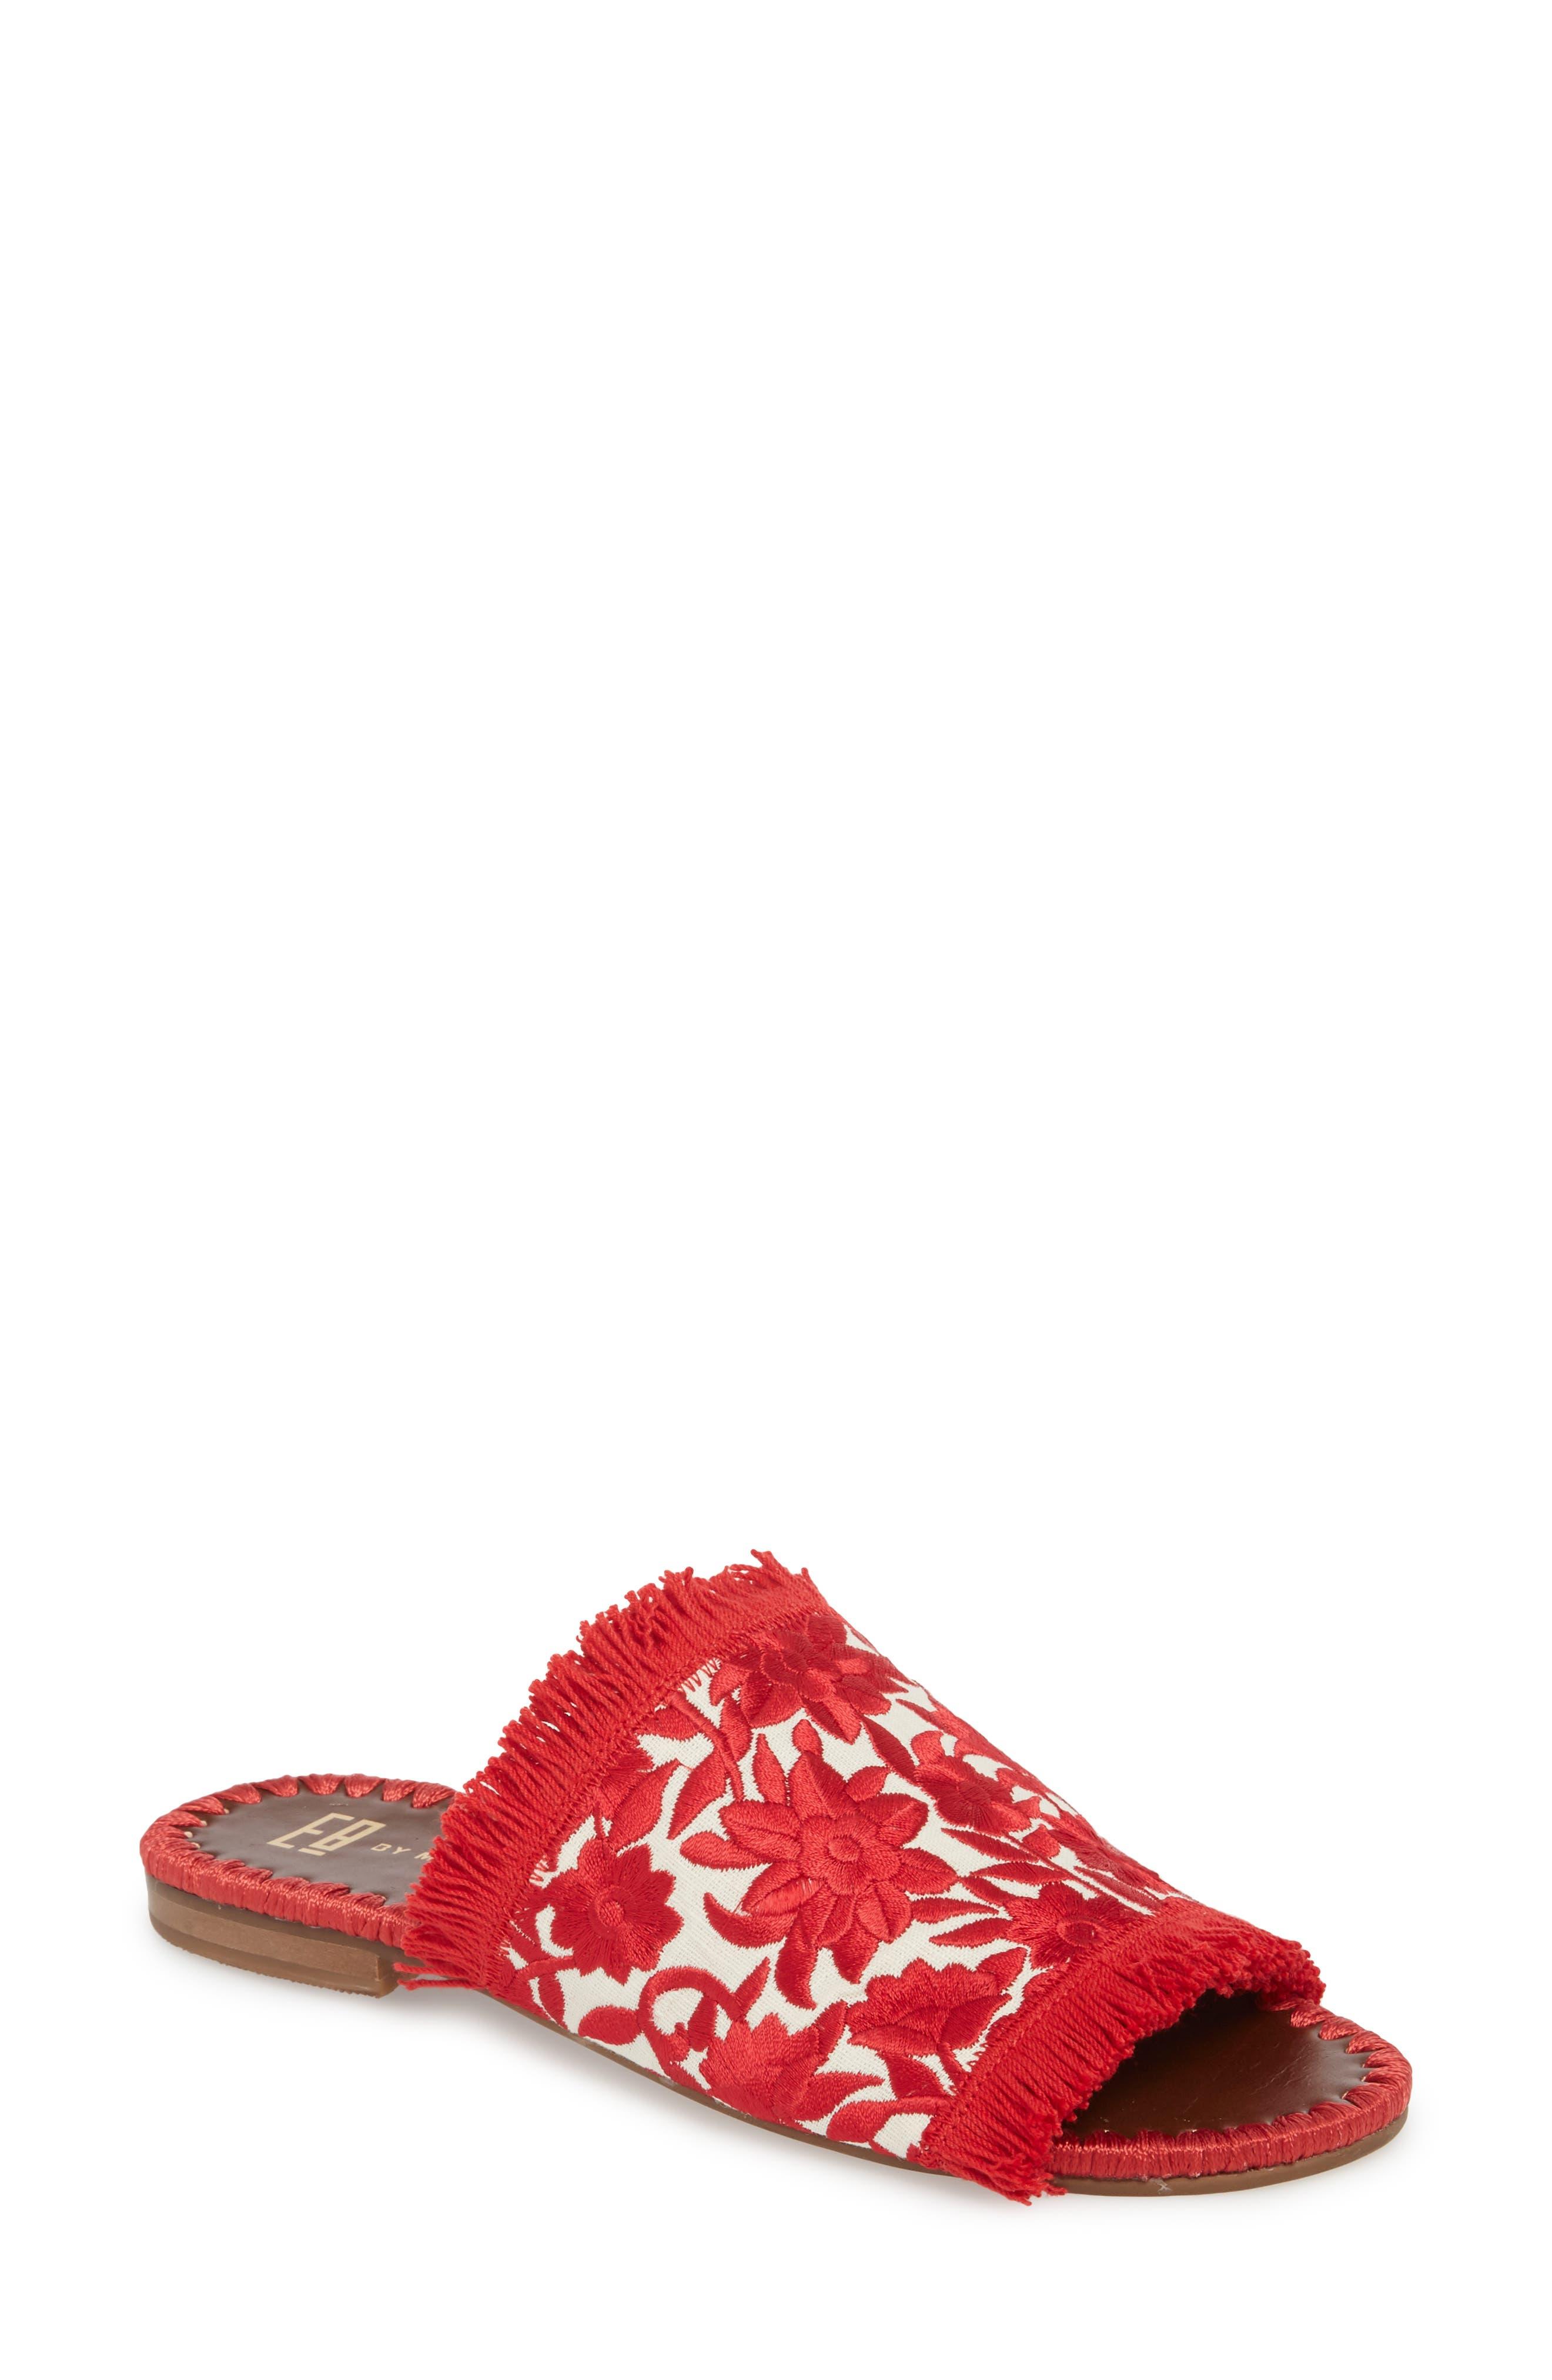 Tavie Fringed Slide Sandal,                         Main,                         color, Red/ Cream Fabric